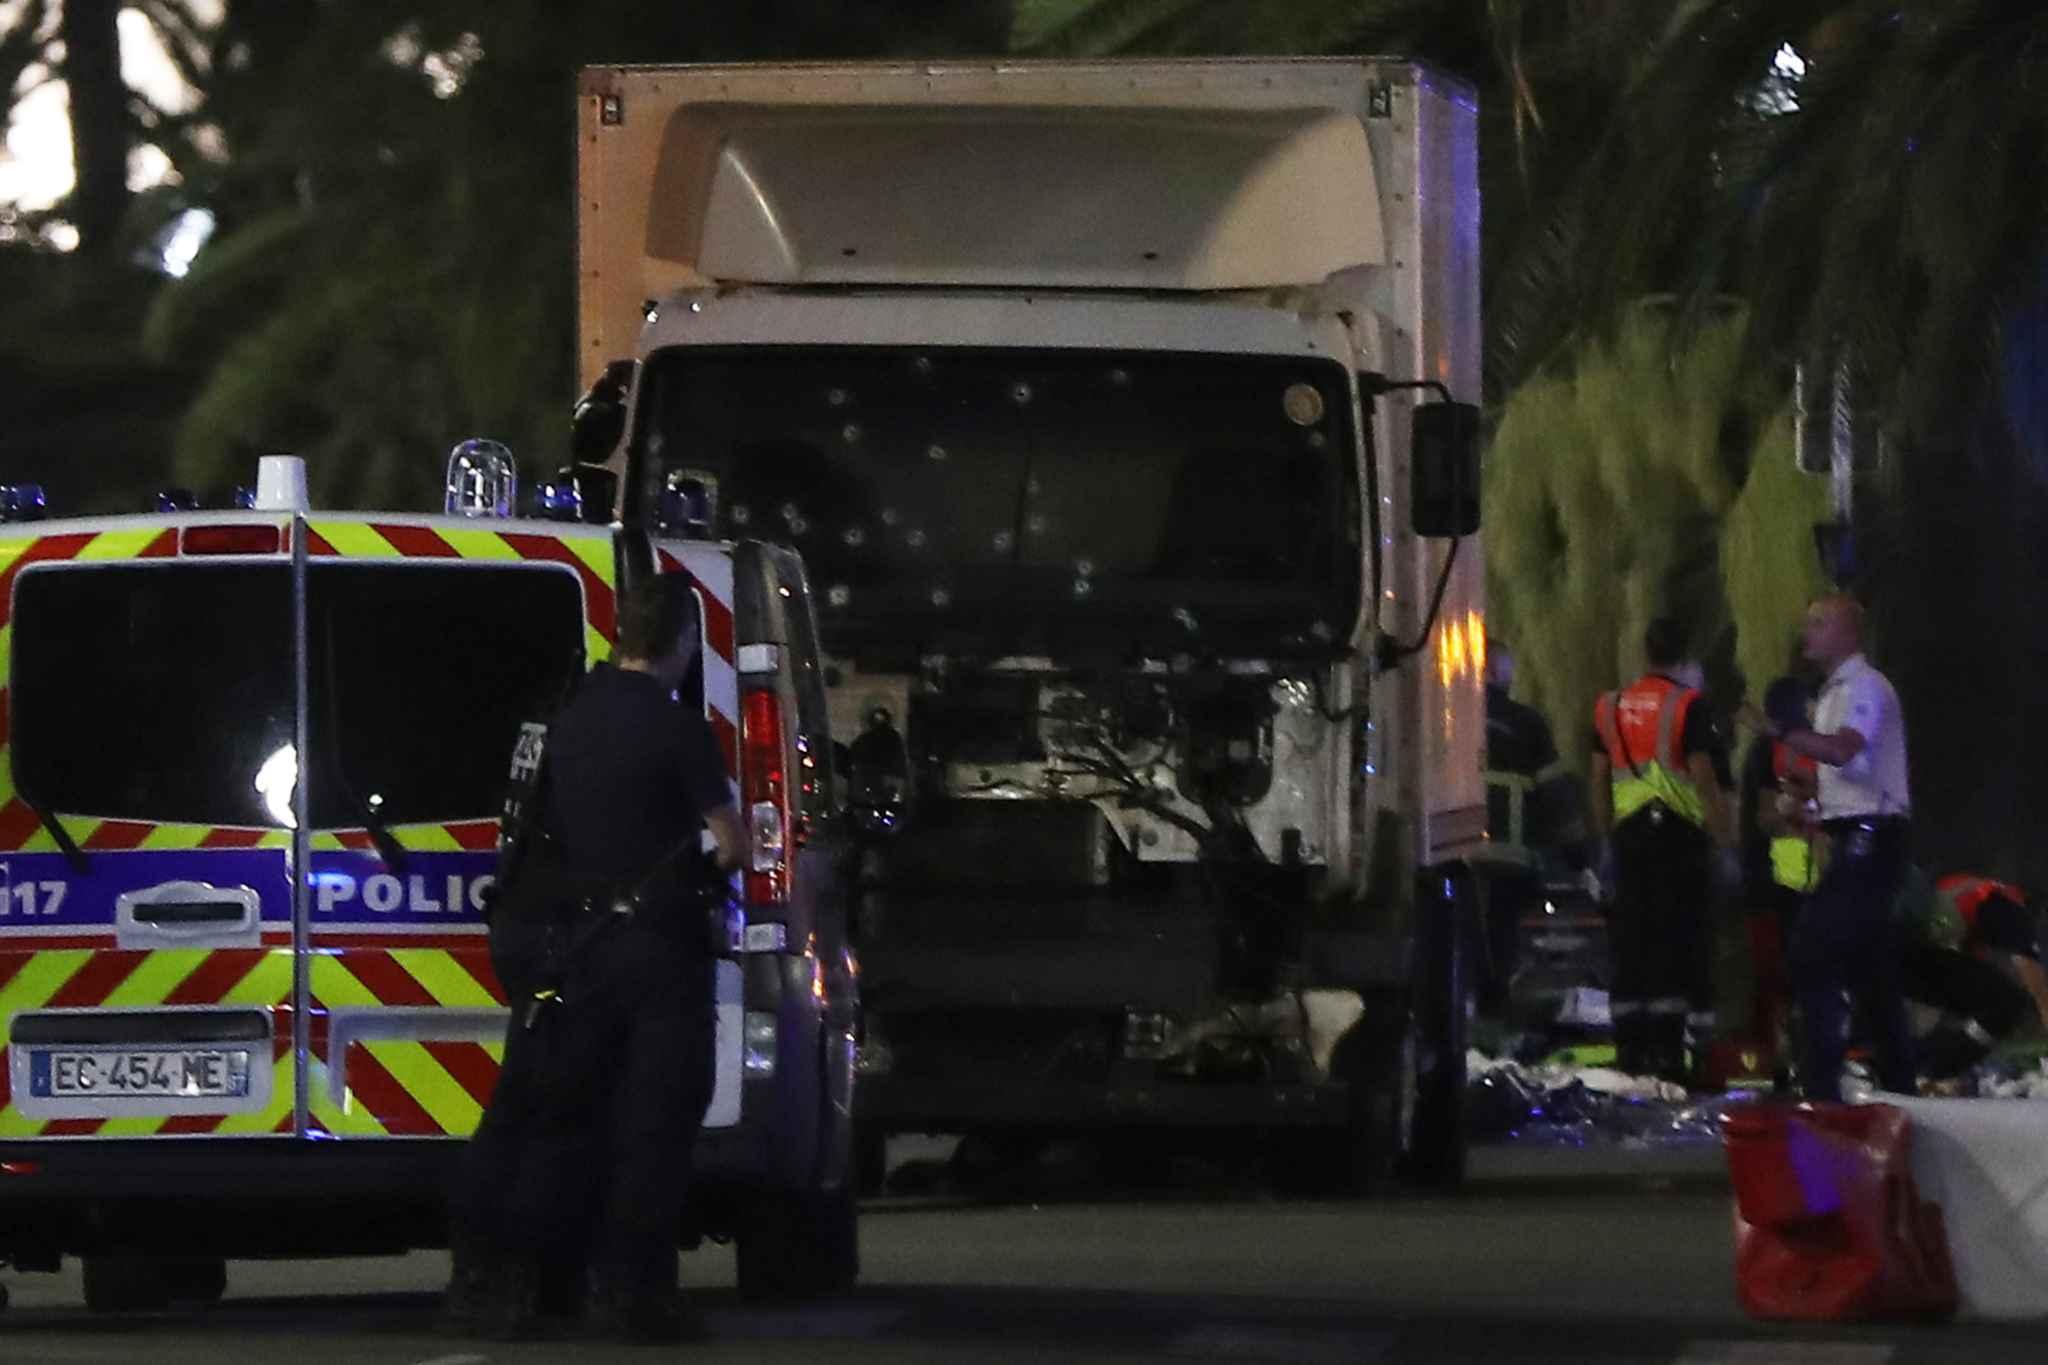 La France endeuillée pour un nouvel attentat meurtrier à Nice